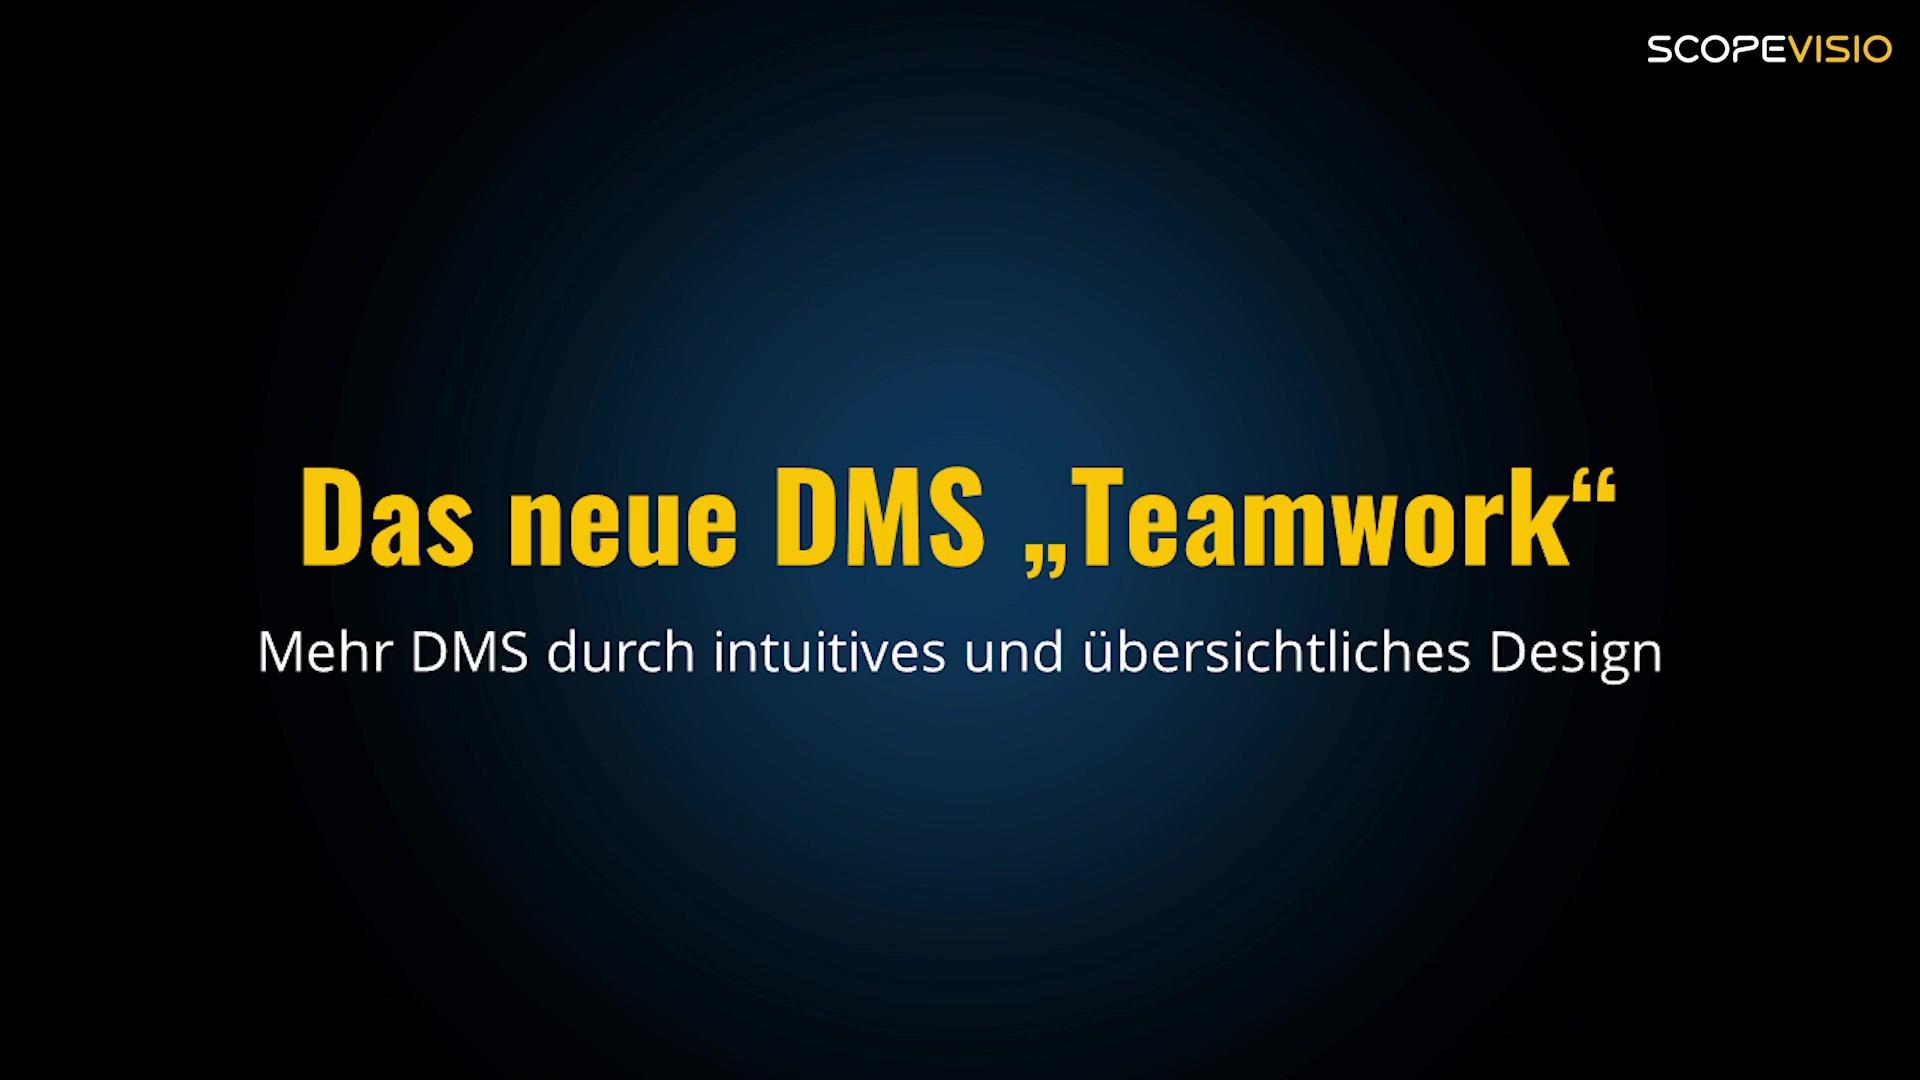 dms-teamwork-migration-pv